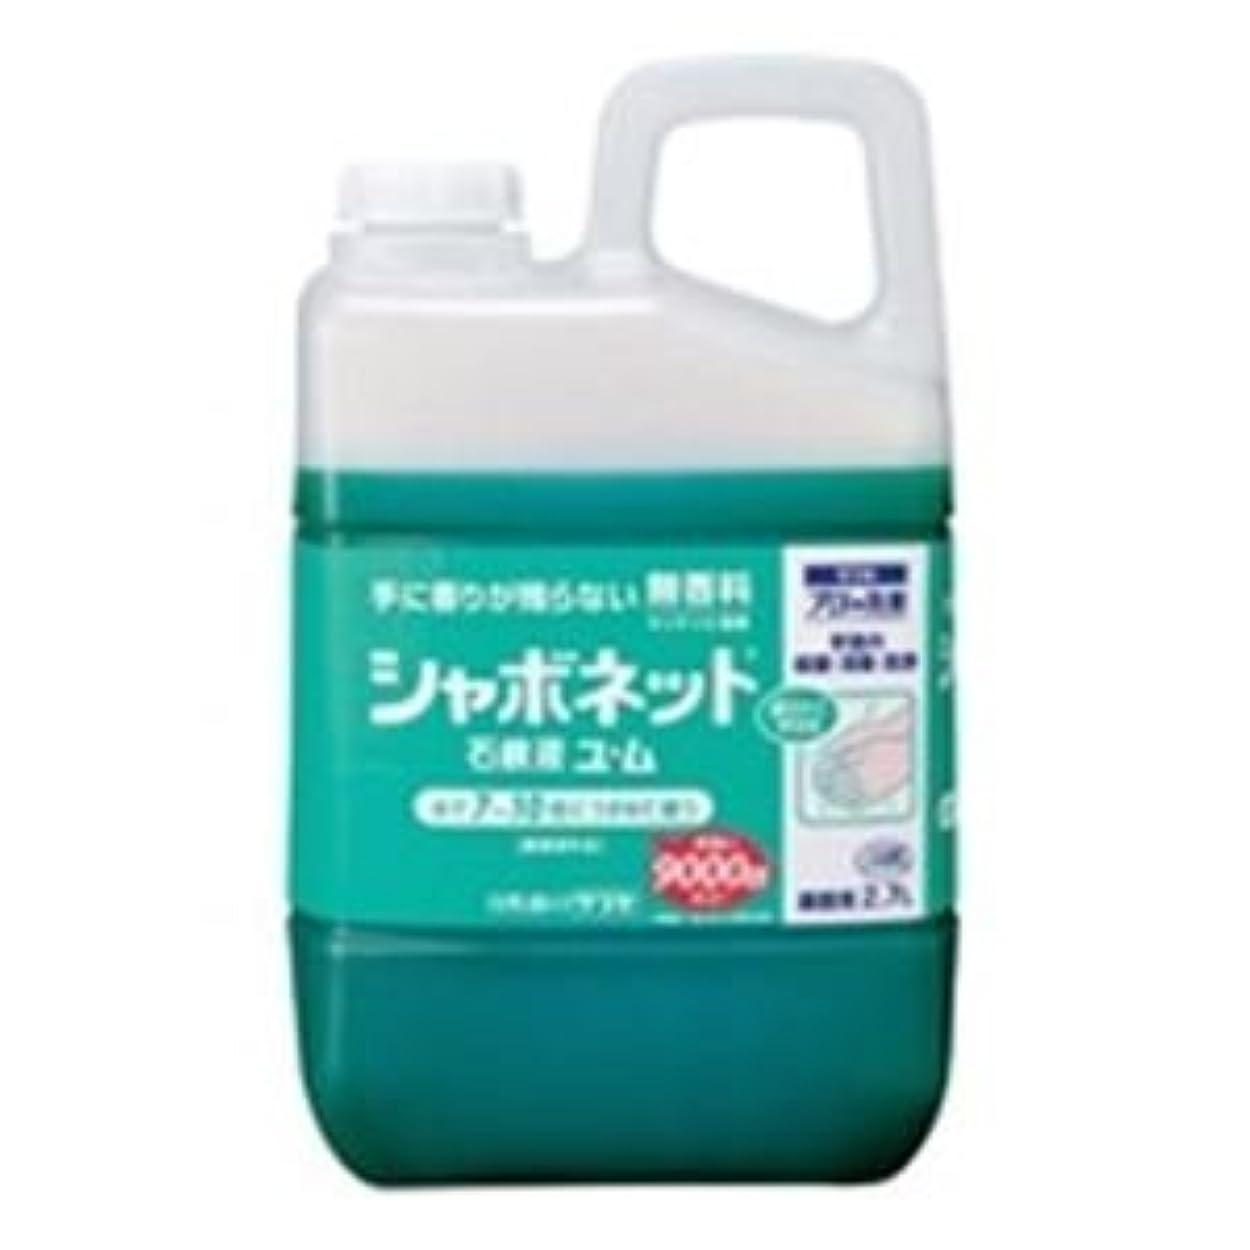 測定曲線世界記録のギネスブック( お徳用 5セット ) 東京サラヤ シャボネット 石鹸液ユ?ム 2.7L